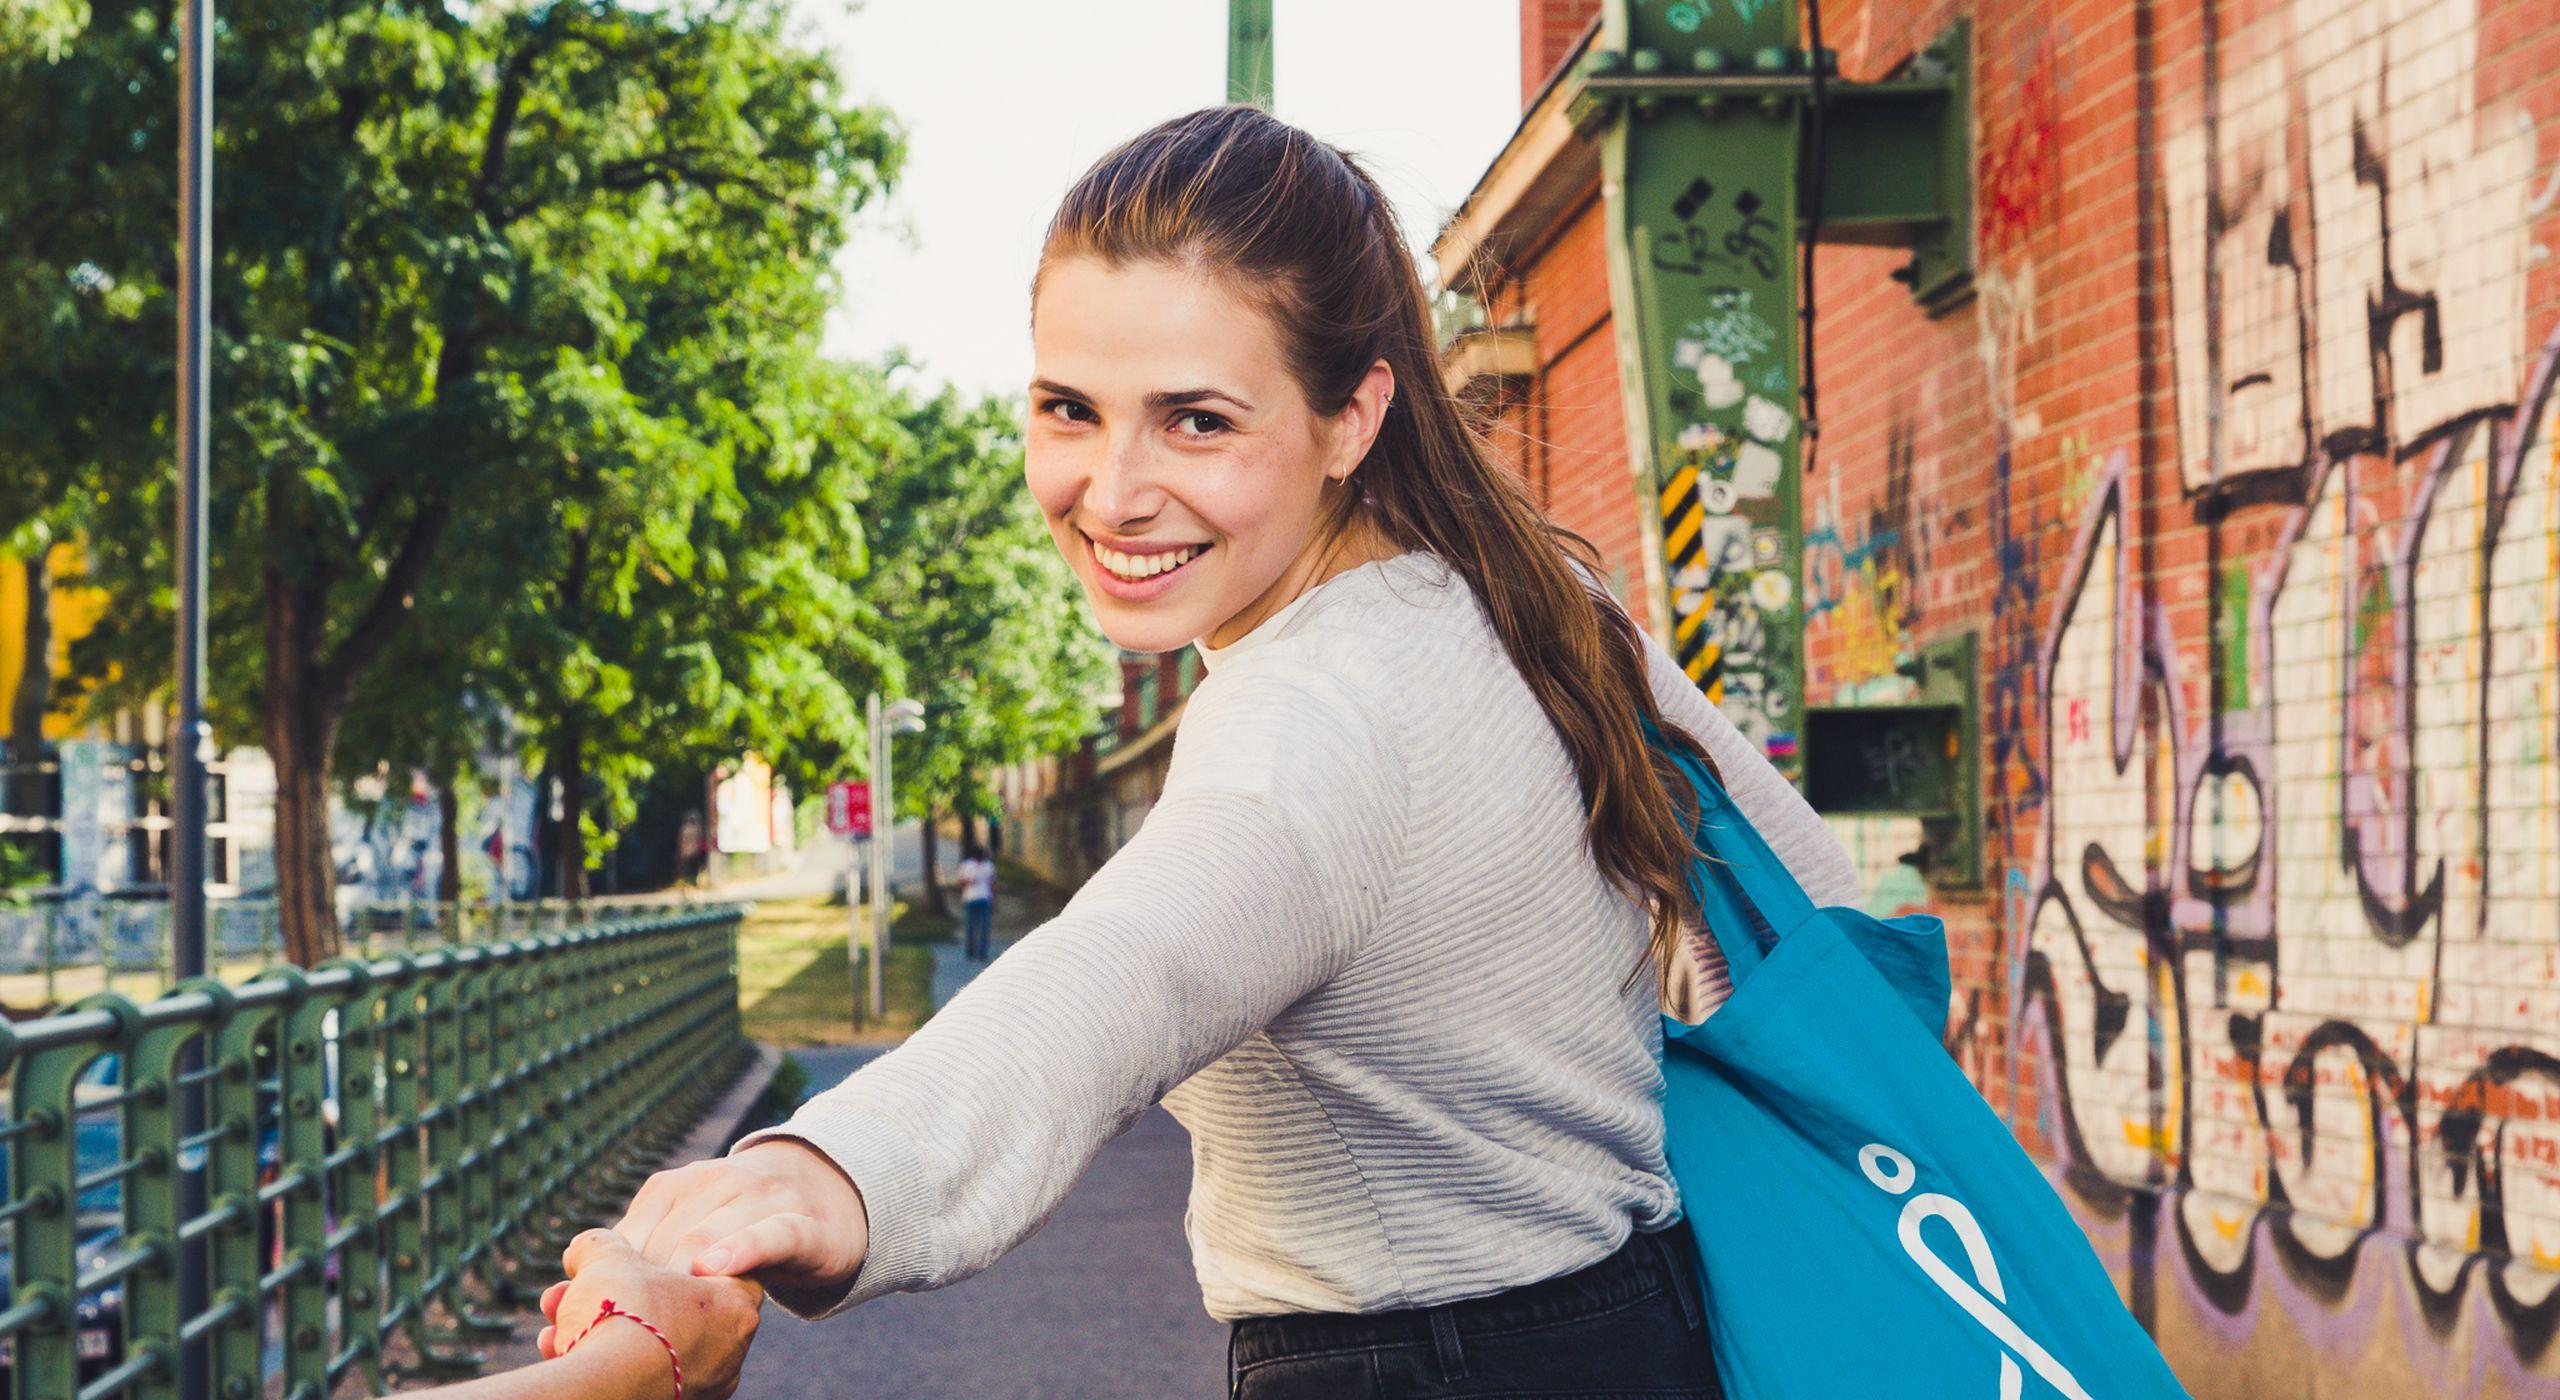 Junge Frau am Donaukanal. Sie lächelt in die Kamera und lädt zum Spazierengehen ein.